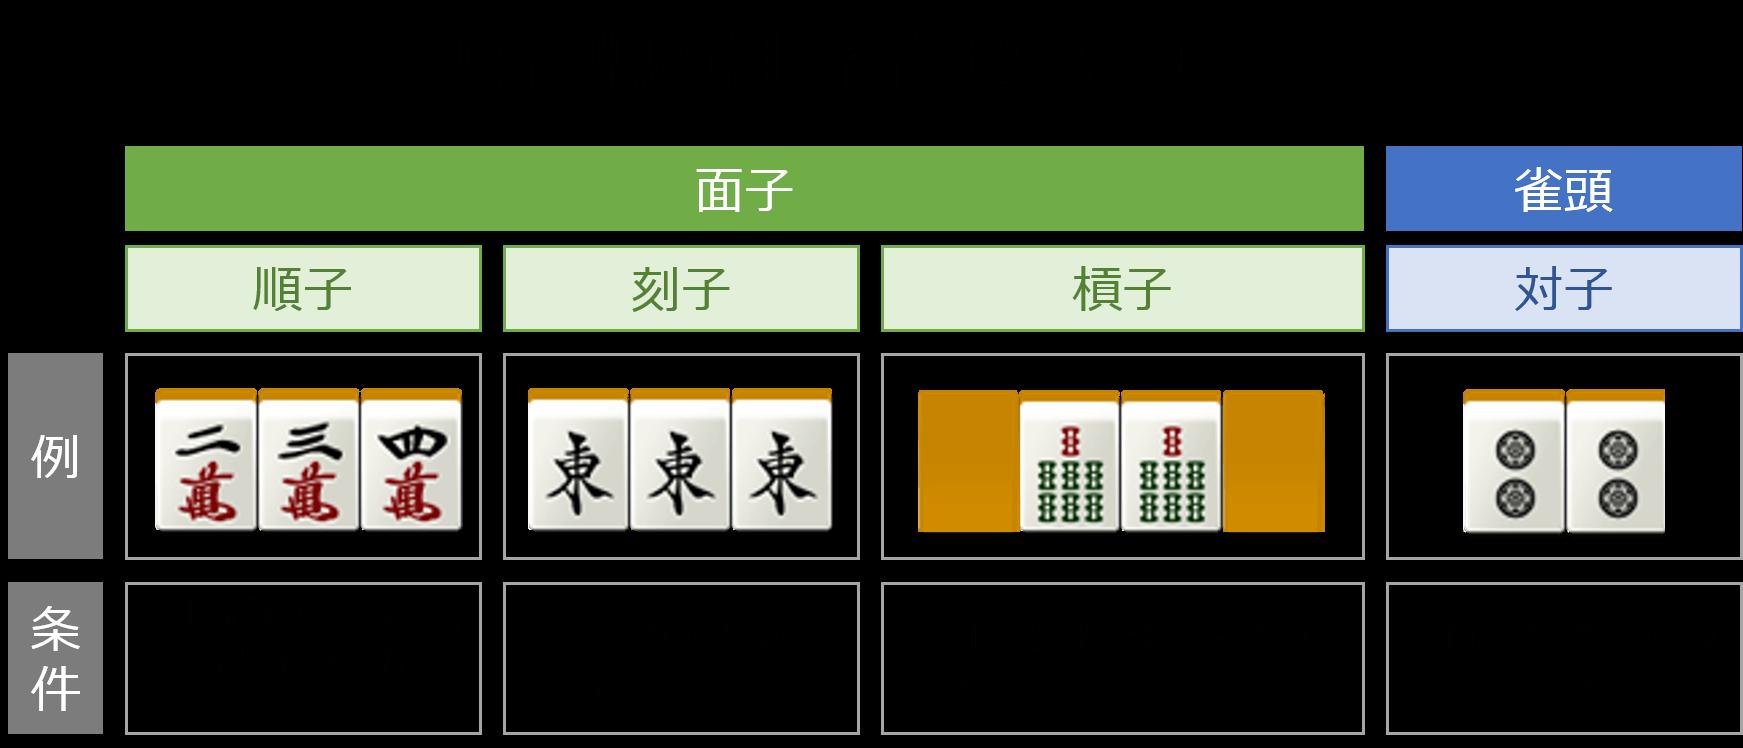 麻雀牌の組み合わせの種類